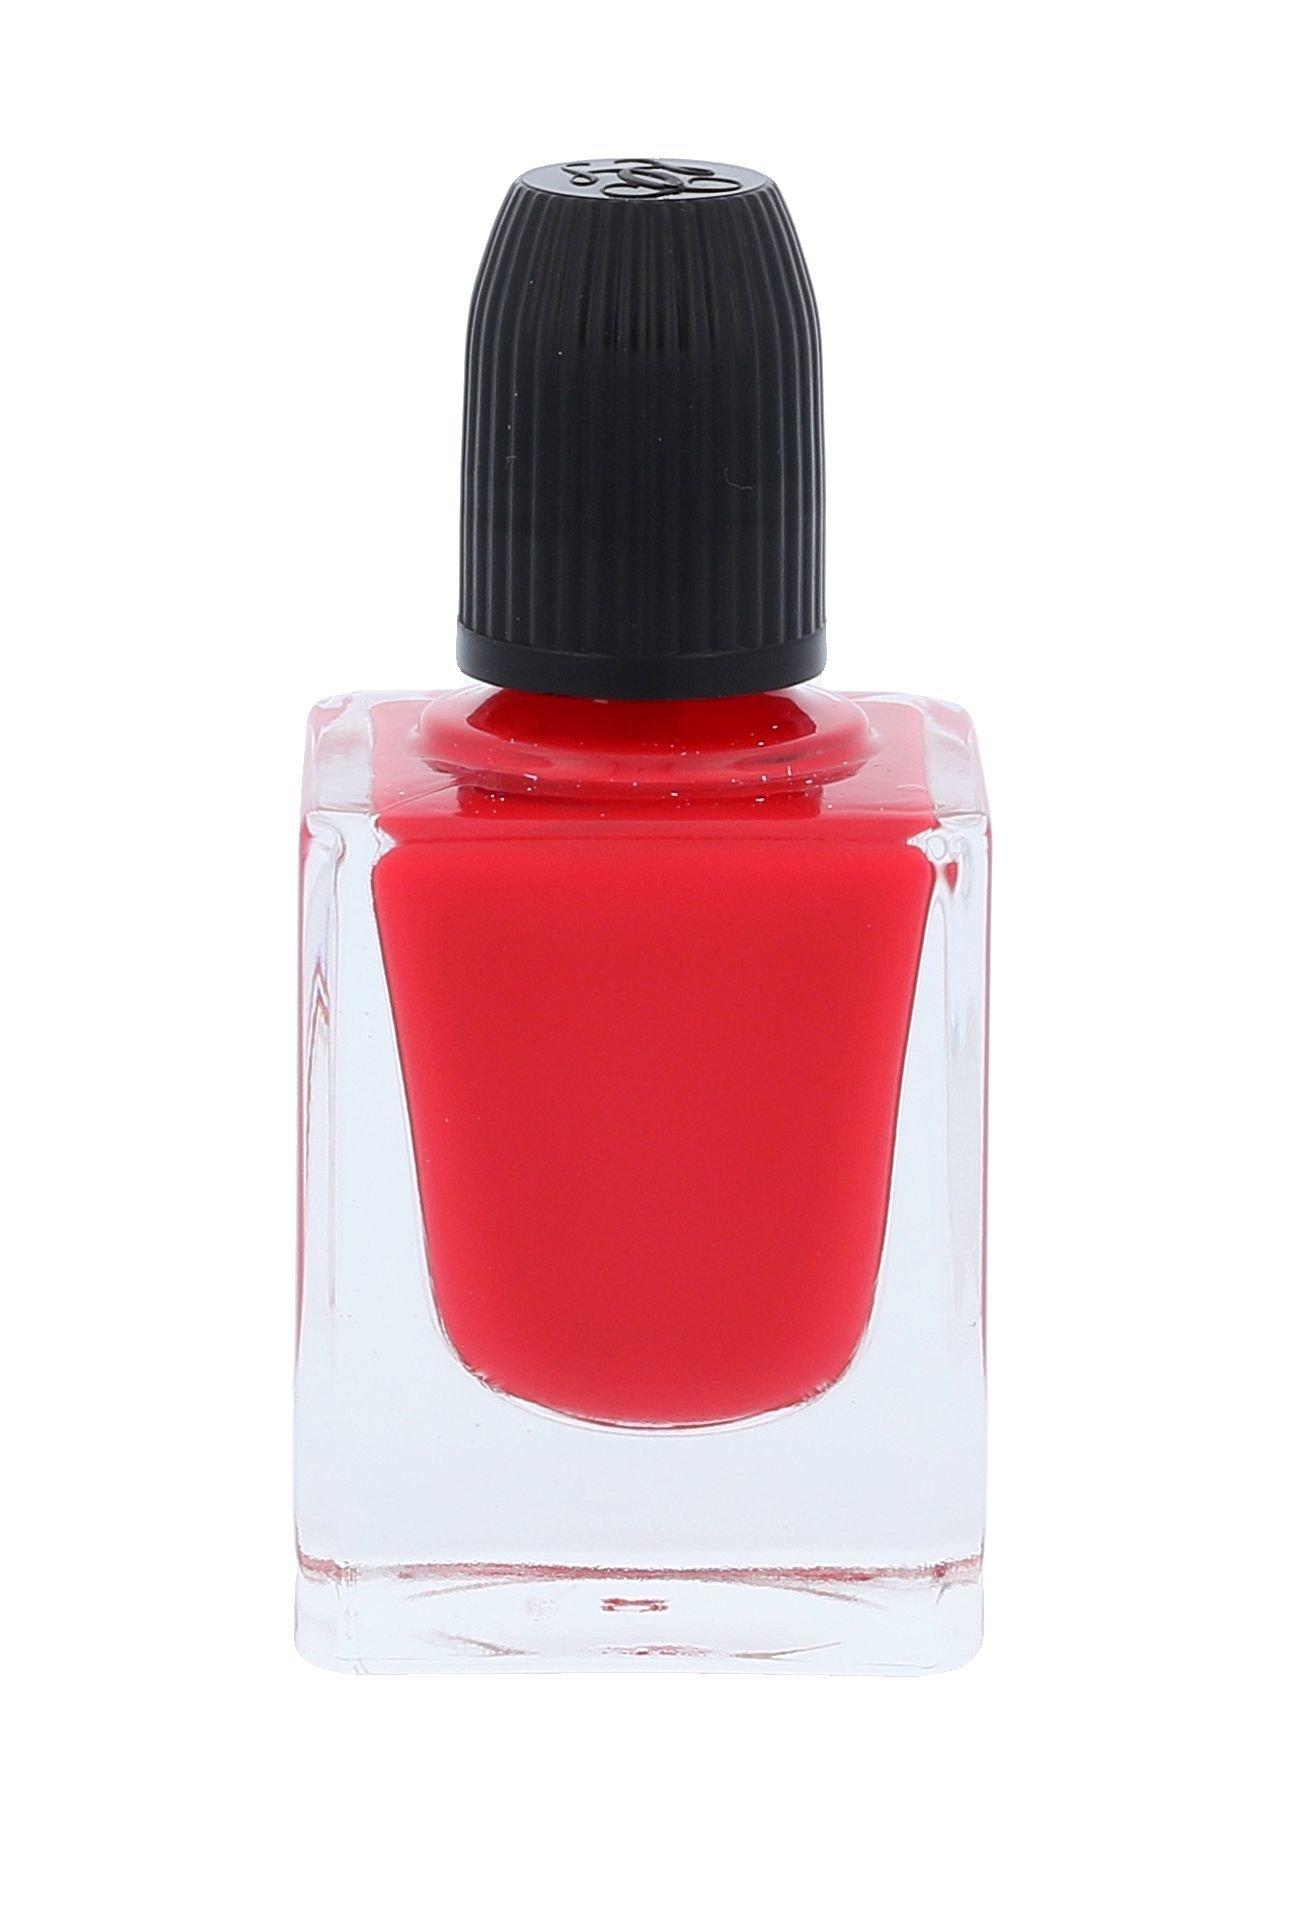 Guerlain La Petite Robe Noire Cosmetic 8,8ml 003 Red Heels